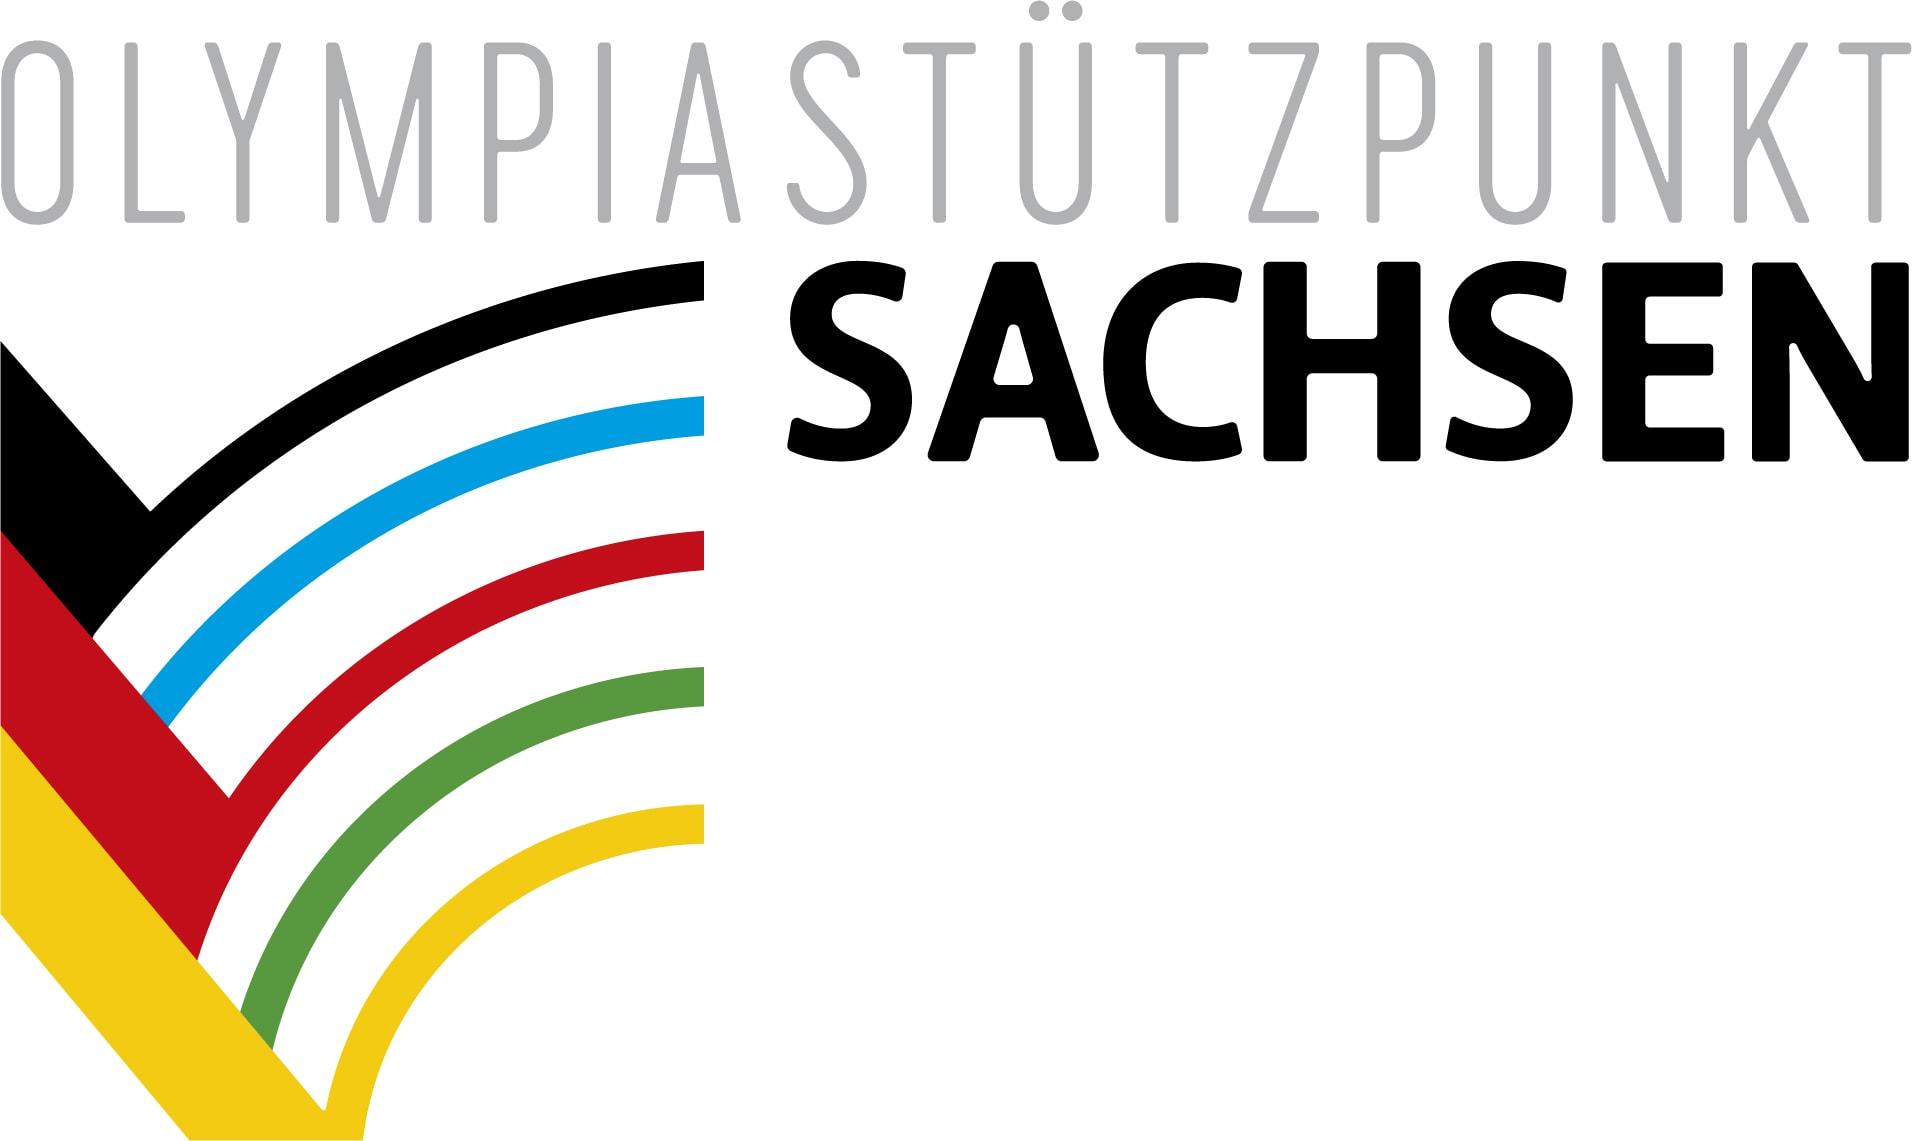 Olympiastützpunkt Chemnitz/Dresden